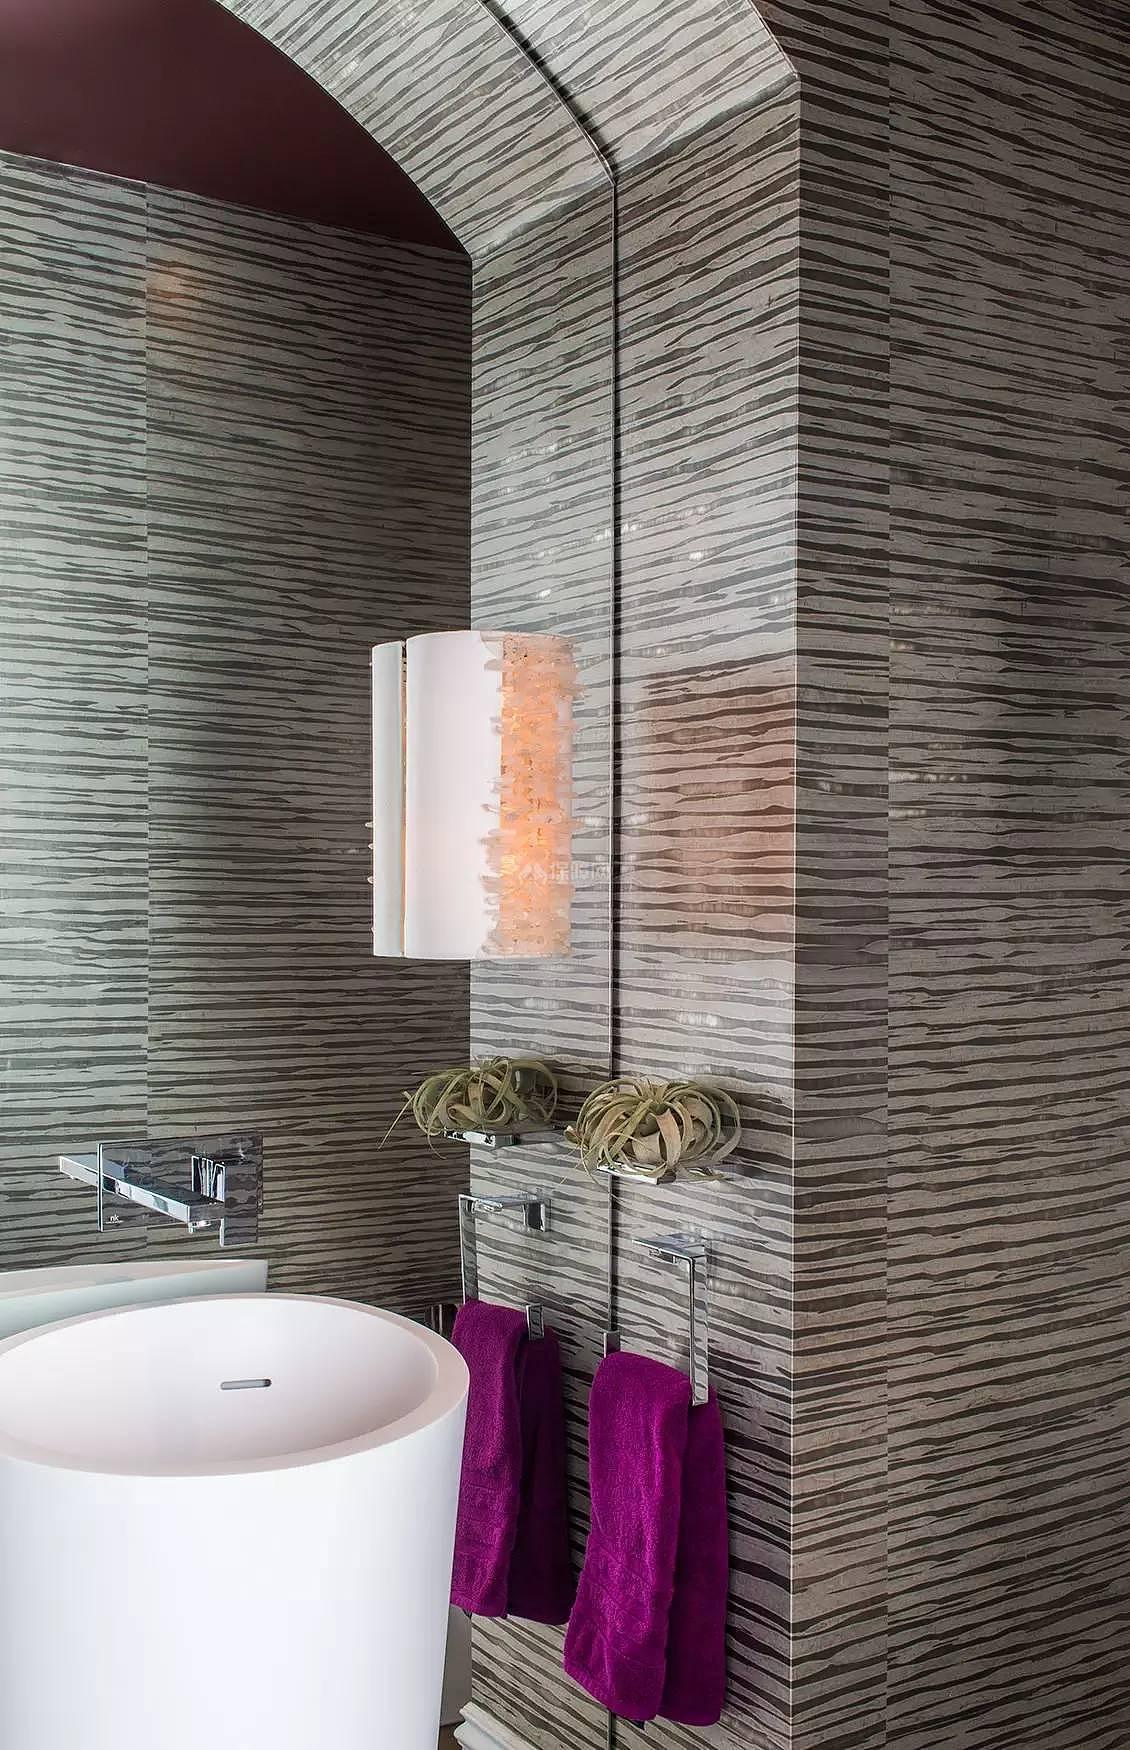 289平时尚大气的别墅之卫生间墙面装饰效果图